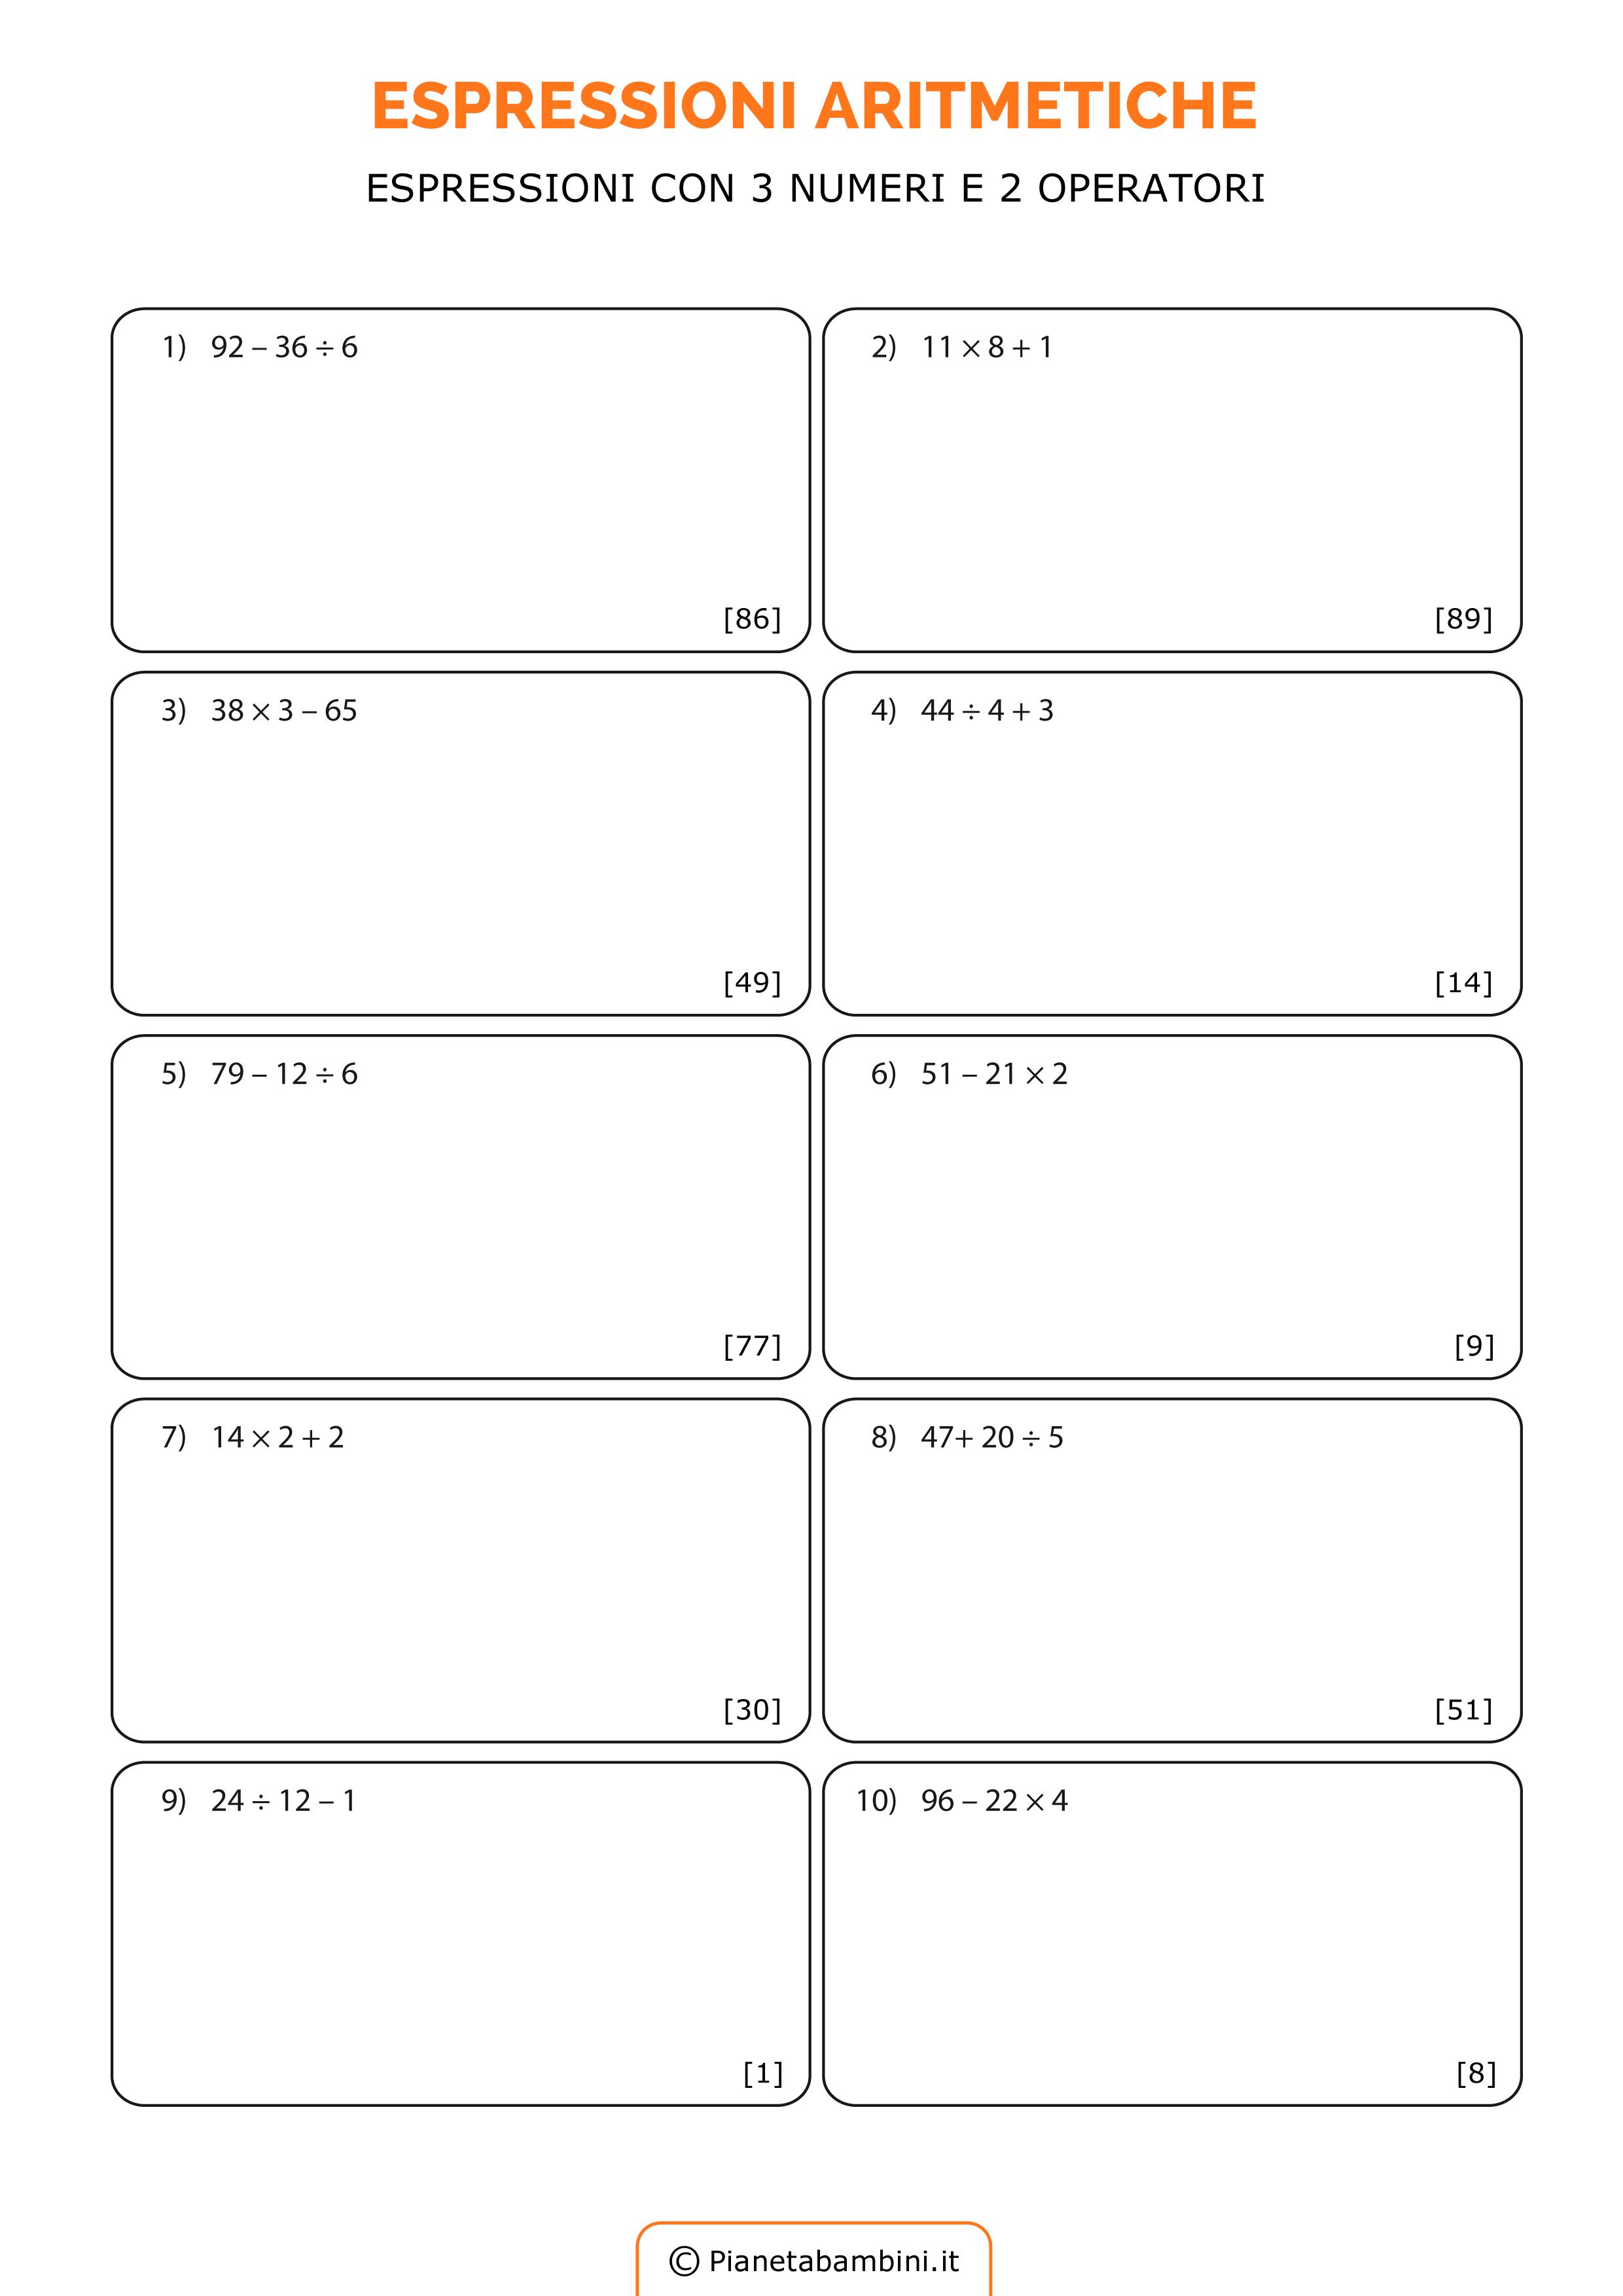 Esercizi-Espressioni-3-Numeri-2-Operatori_3